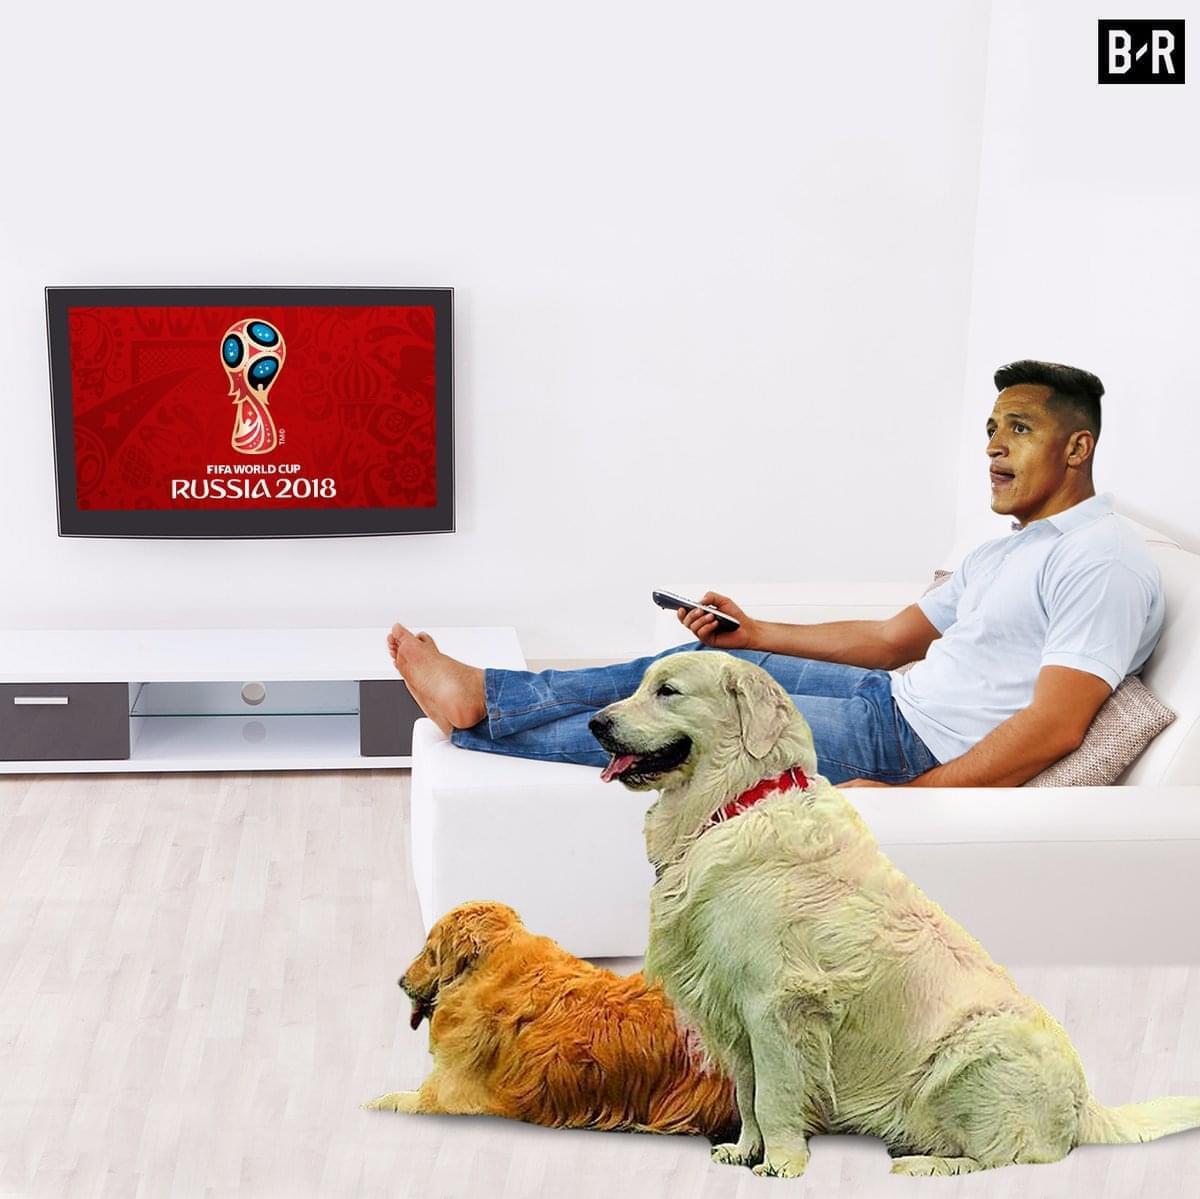 南美太可怕!美洲冠军无缘世界杯 阿根廷胜利大逃亡